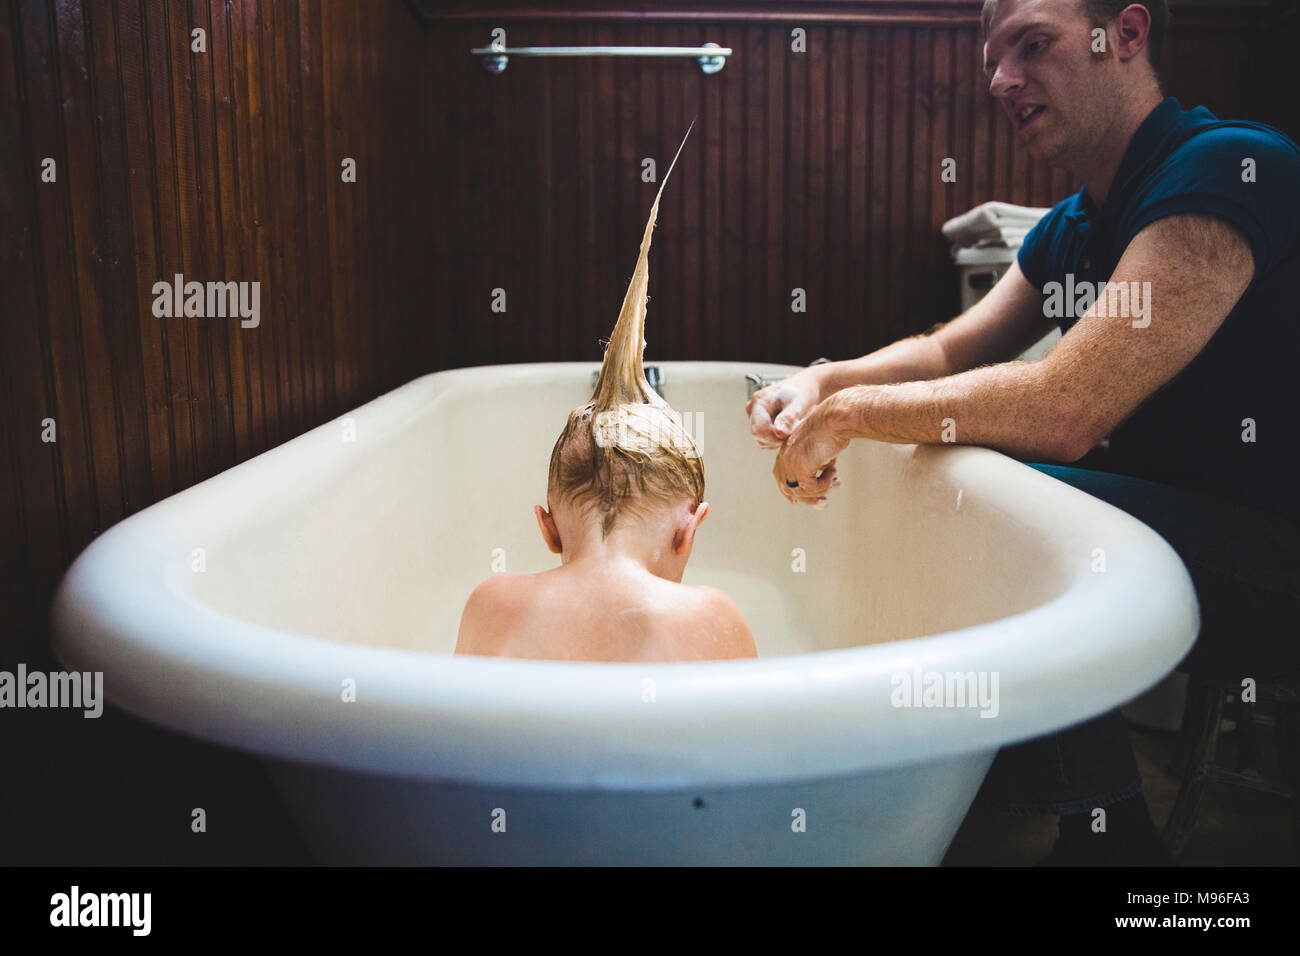 Padre figlio di balneazione con taglio di capelli acuminati Immagini Stock